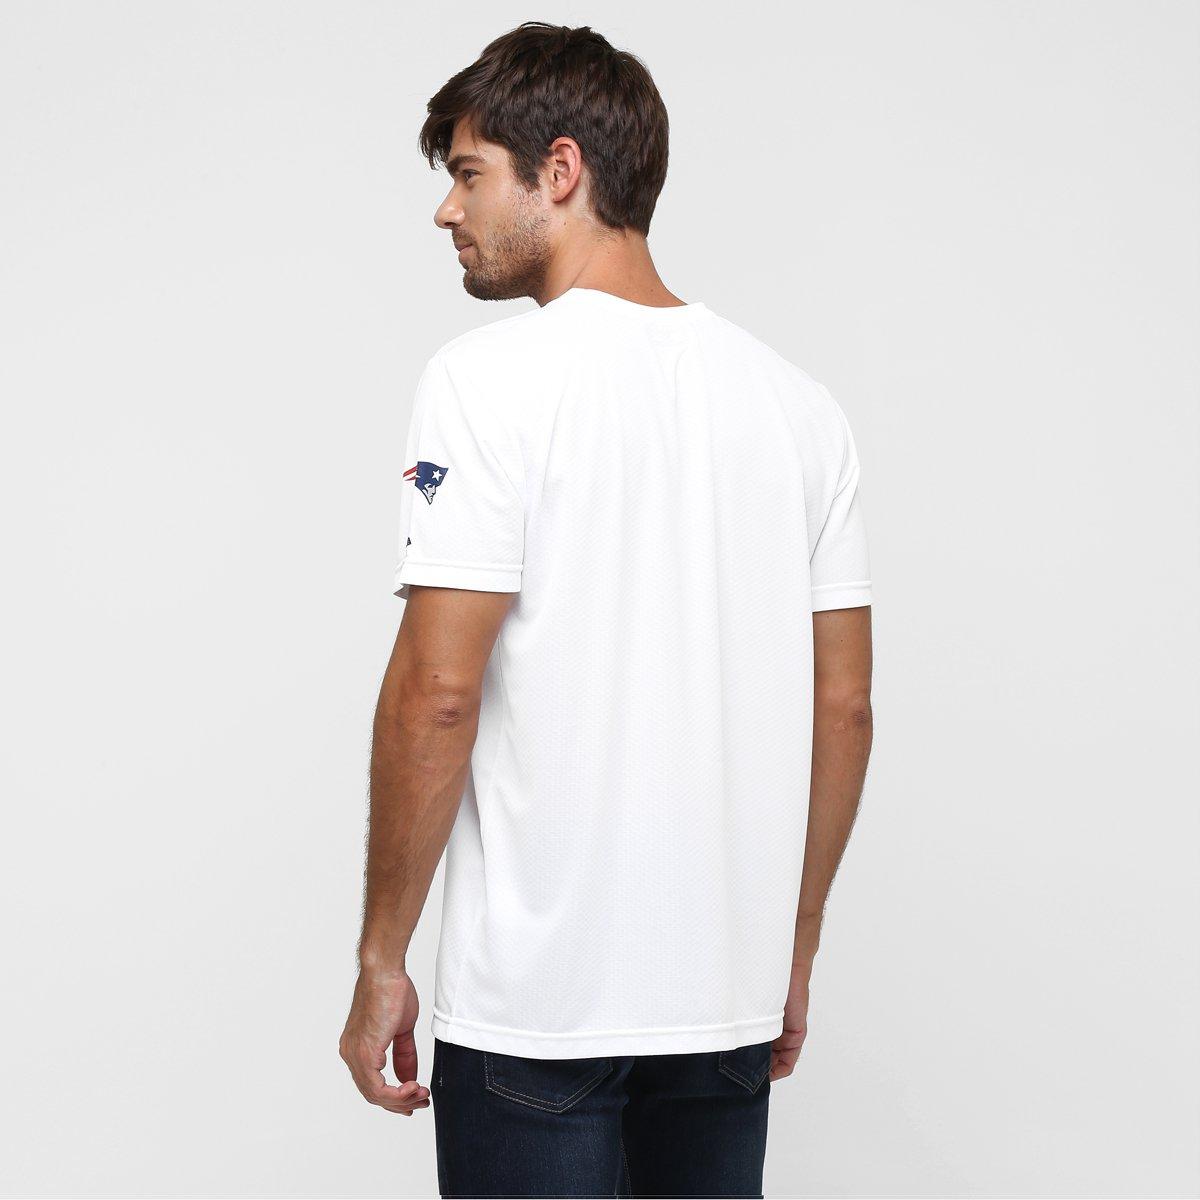 Camiseta New Era NFL Race New England Patriots - Compre Agora  cbbbd6a4abe40